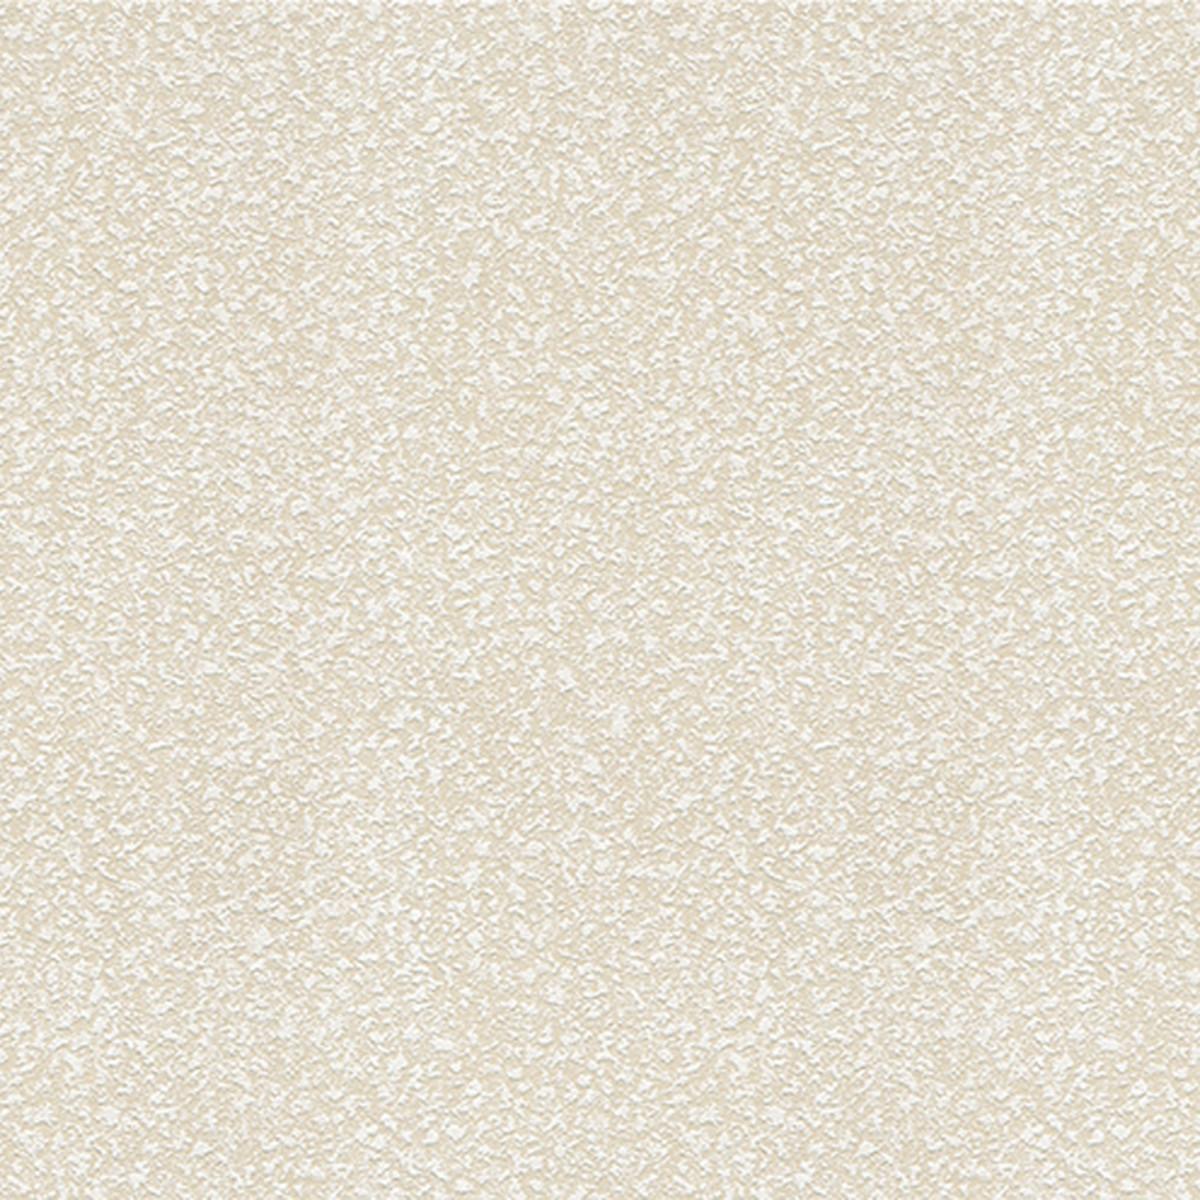 Обои флизелиновые С.Л.Г. бежевые 1.06 м 1012/3